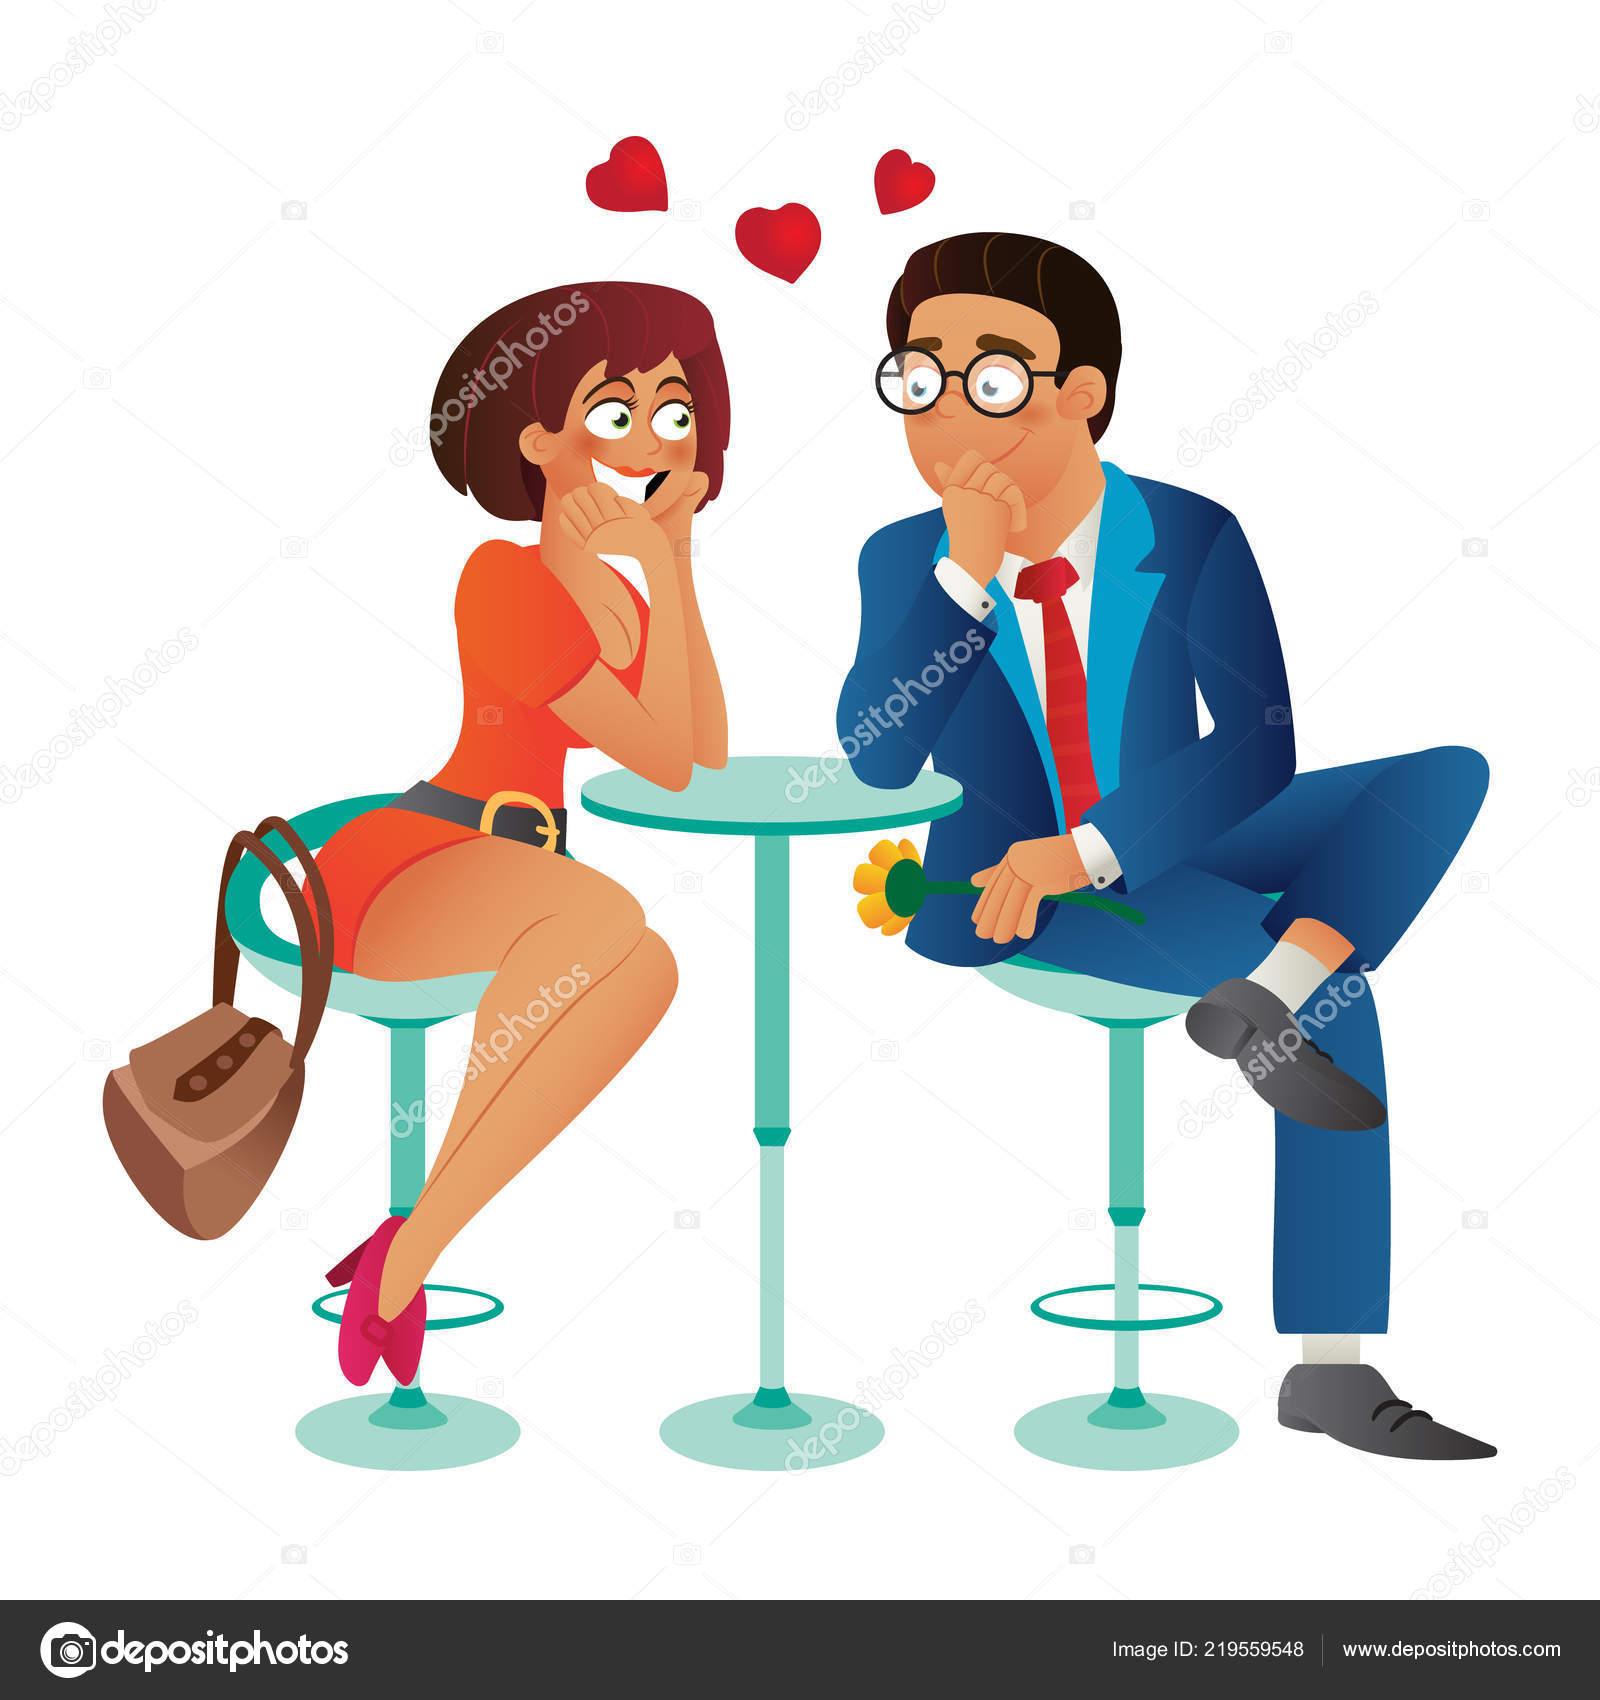 Rencontre sérieuse . je souhaite rencontrer un homme attentionné.romantique et respectueux.